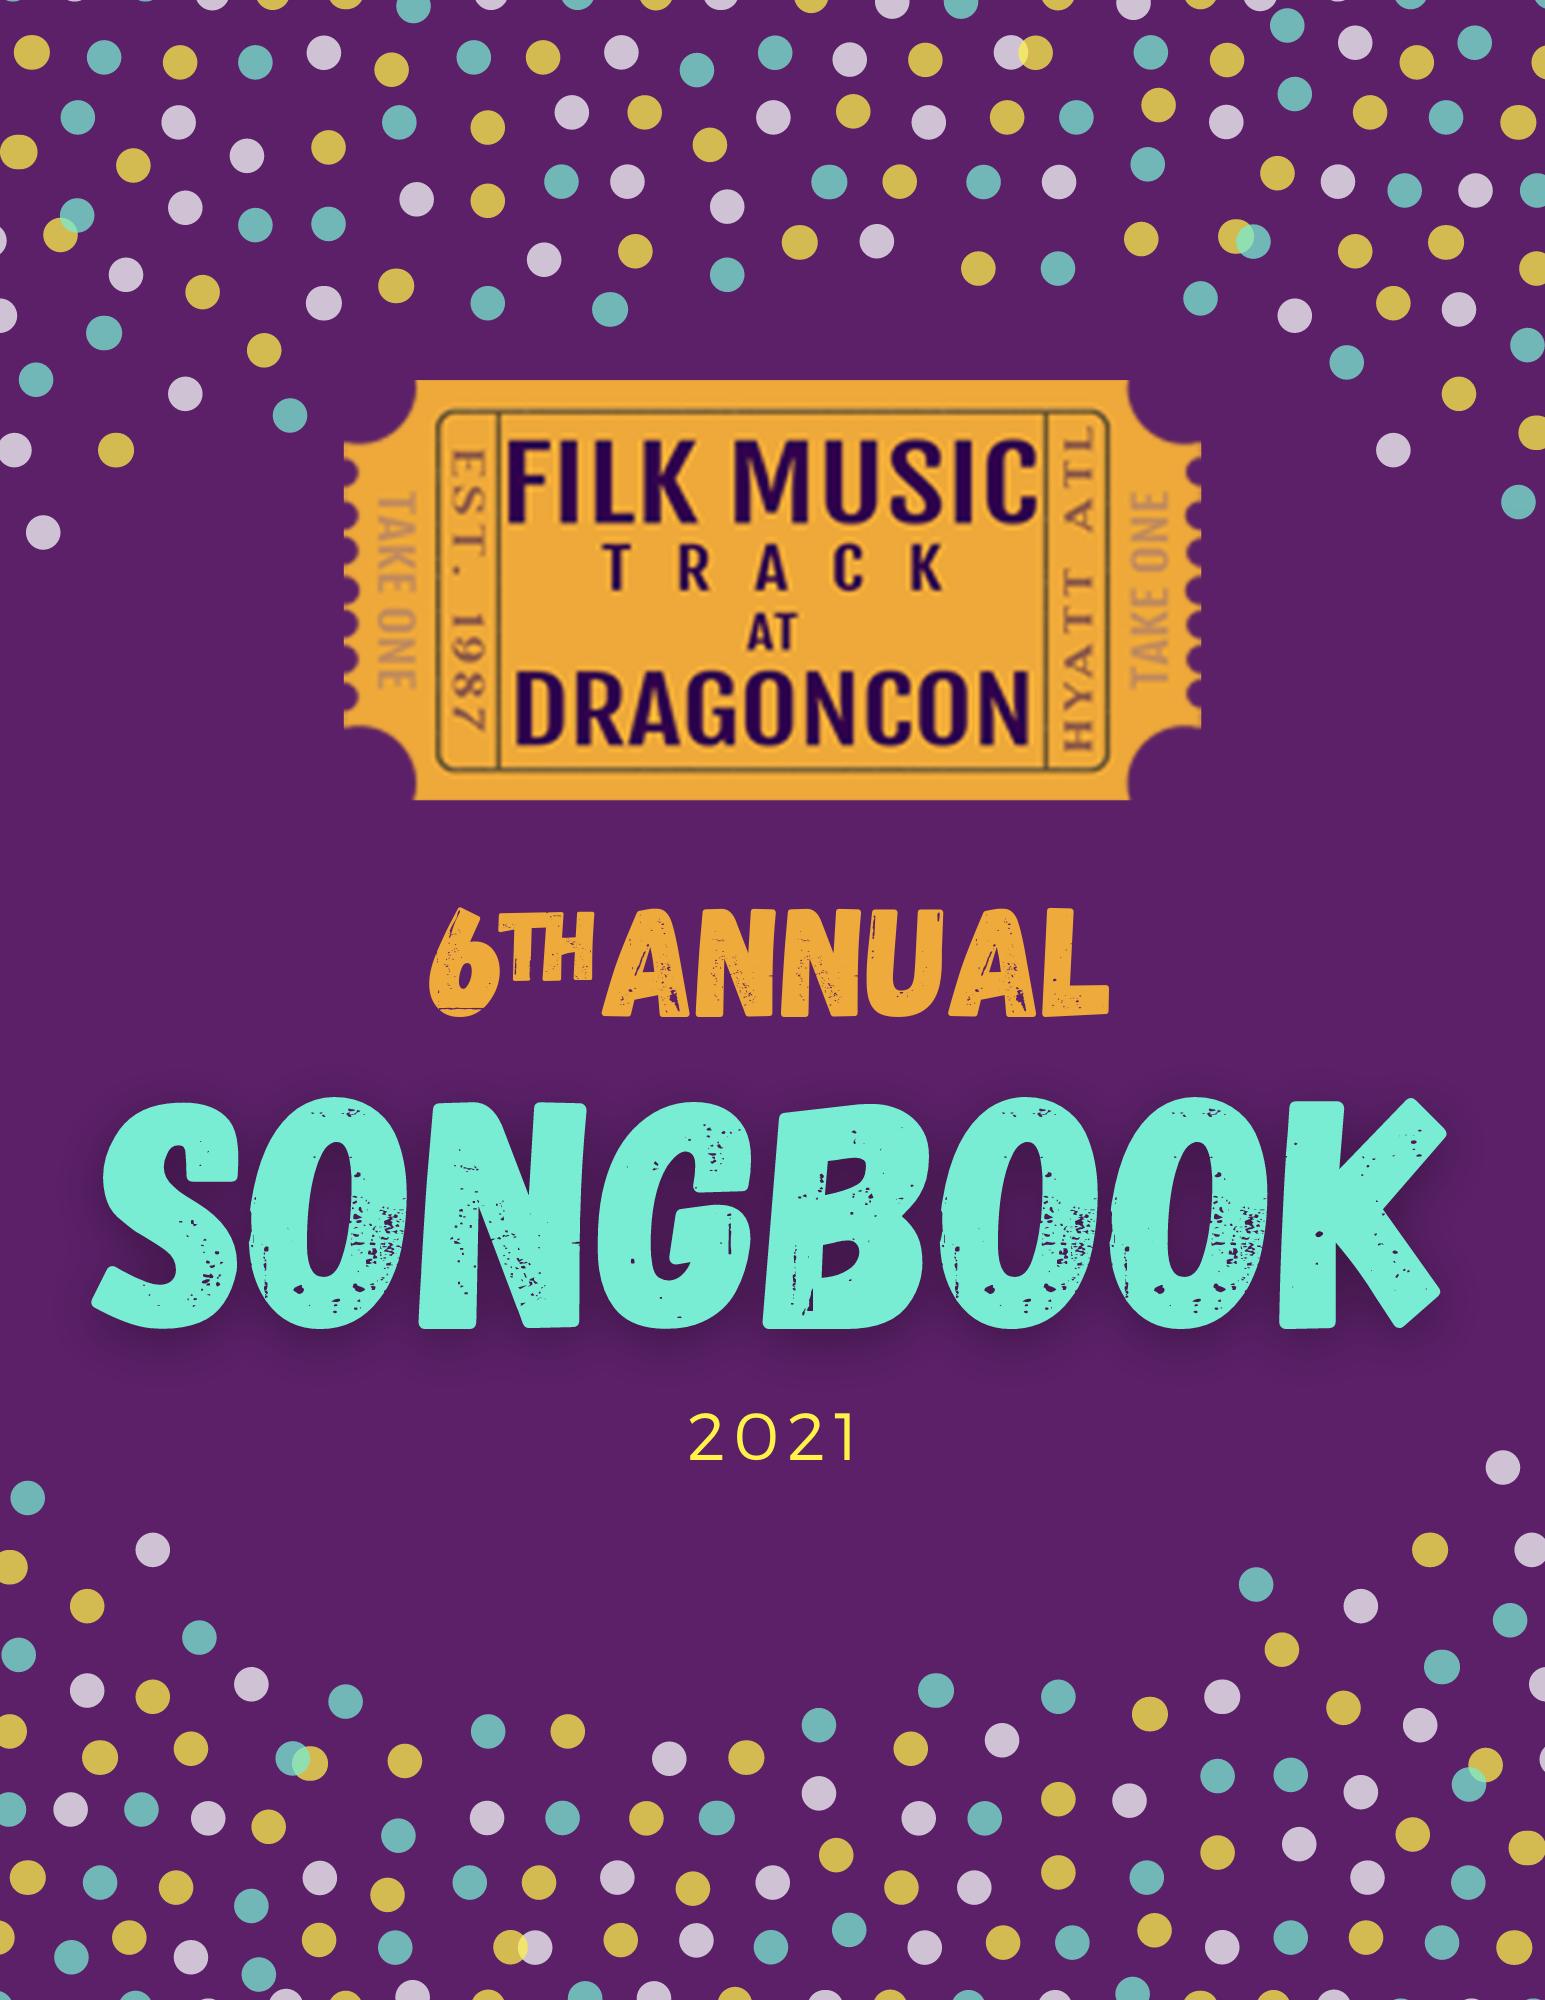 2021 Dragon Con Filk Music Track Songbook